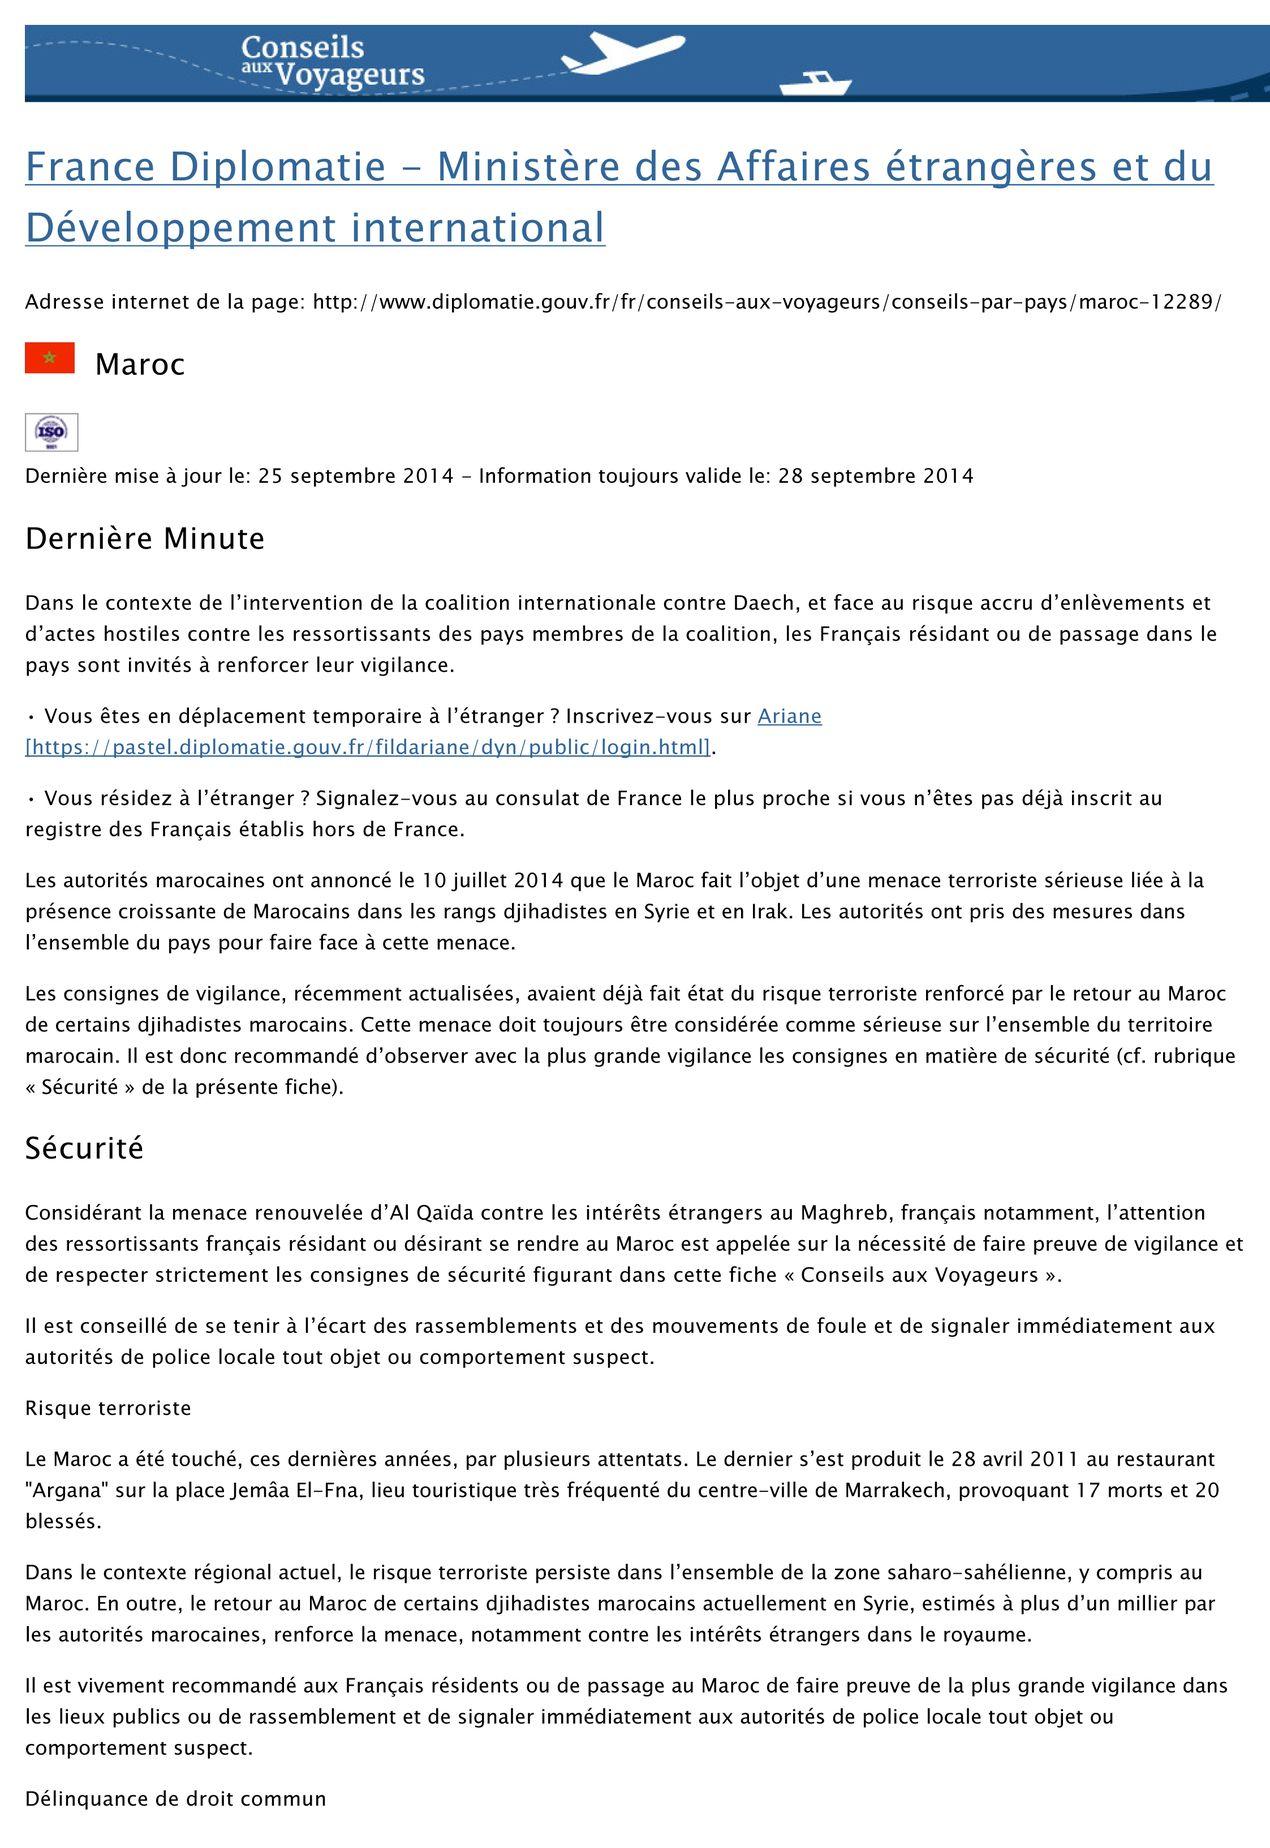 Maroc - France-Diplomatie - Ministère des Affaires étrangères et du Développement international-1